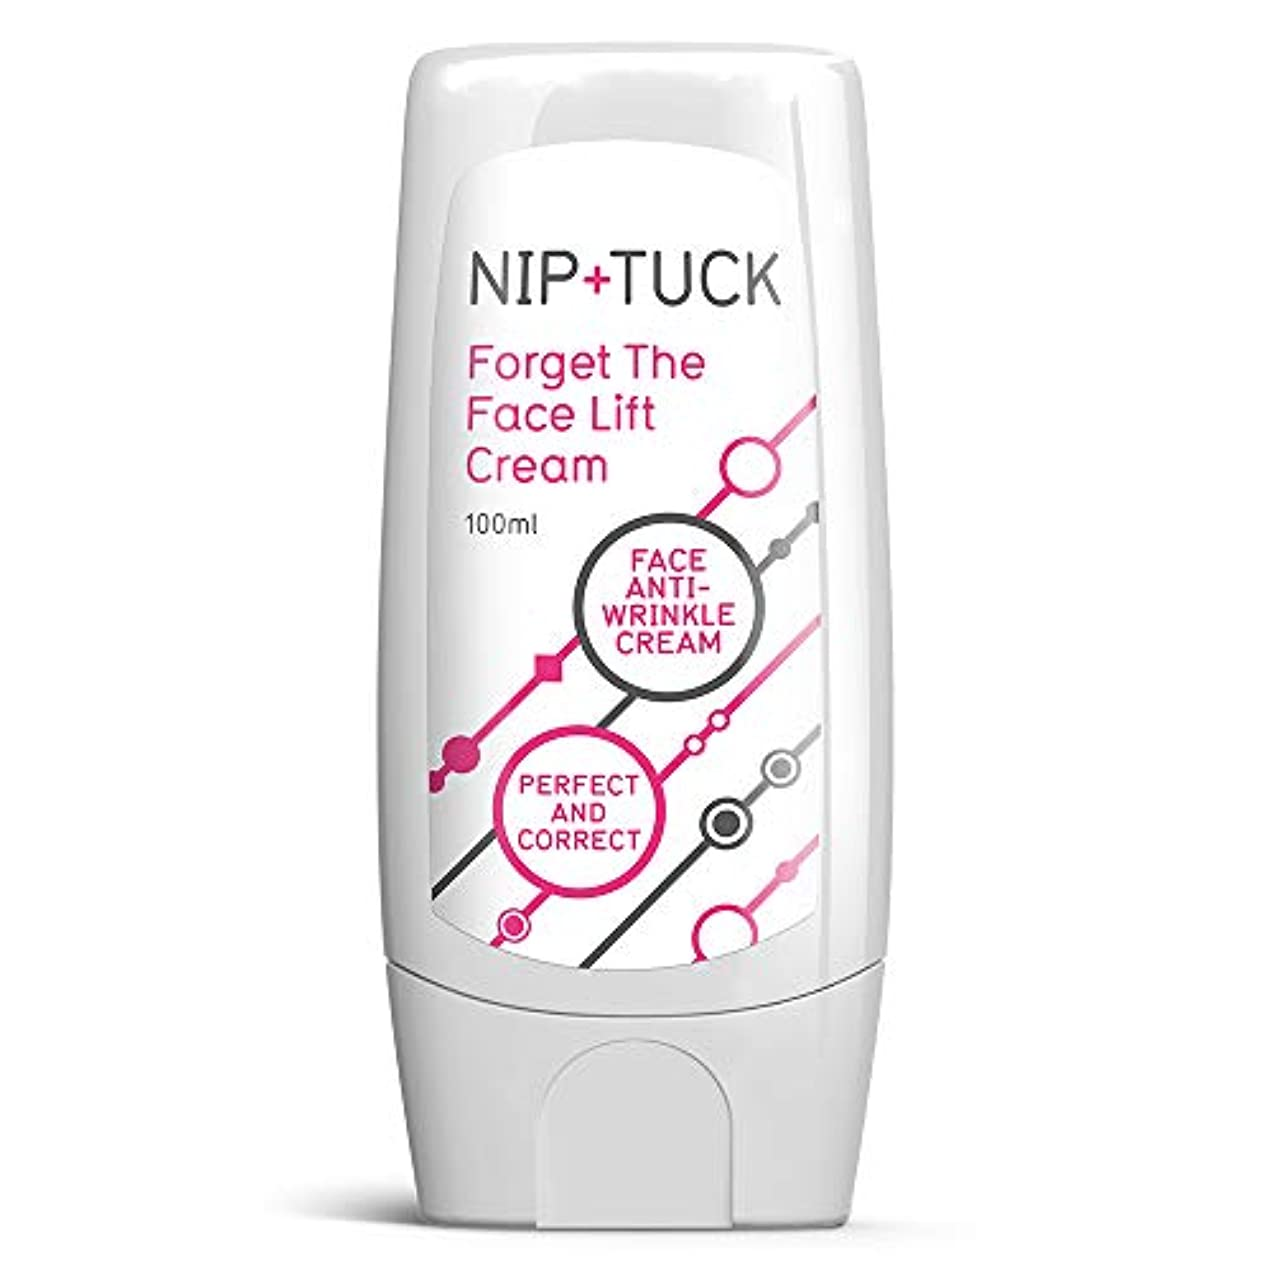 バトルマーカー中世のNIP & TUCK FORGET THE FACELIFT CREAM Nippu& takku wa, anchikurinkufeisu& anchirinkurukurīmufāmu& 若く見える肌を